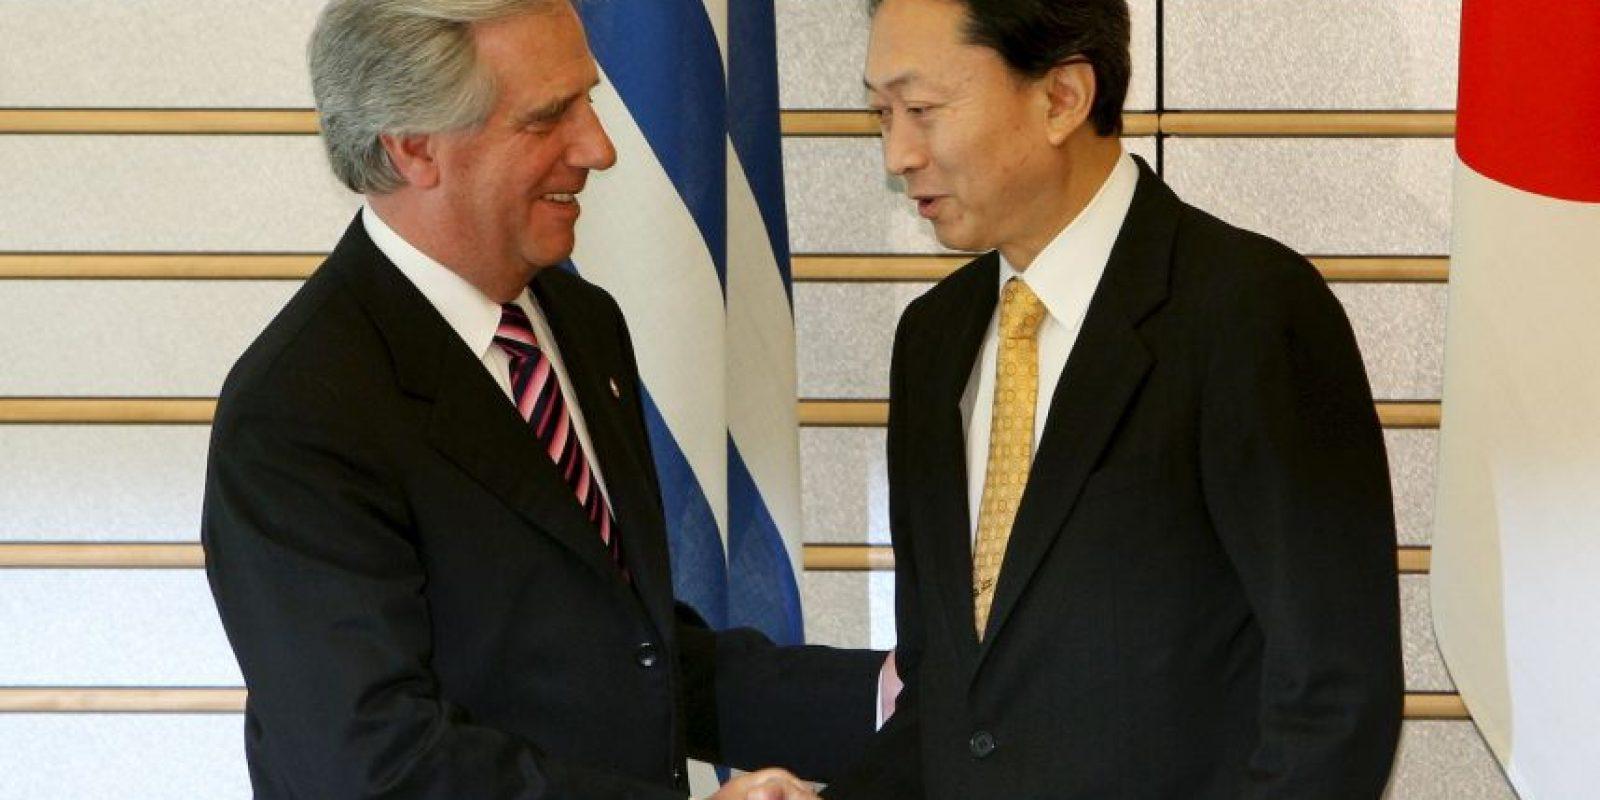 Fue presidente de Uruguay entre 2005 y 2010 Foto:Getty Images